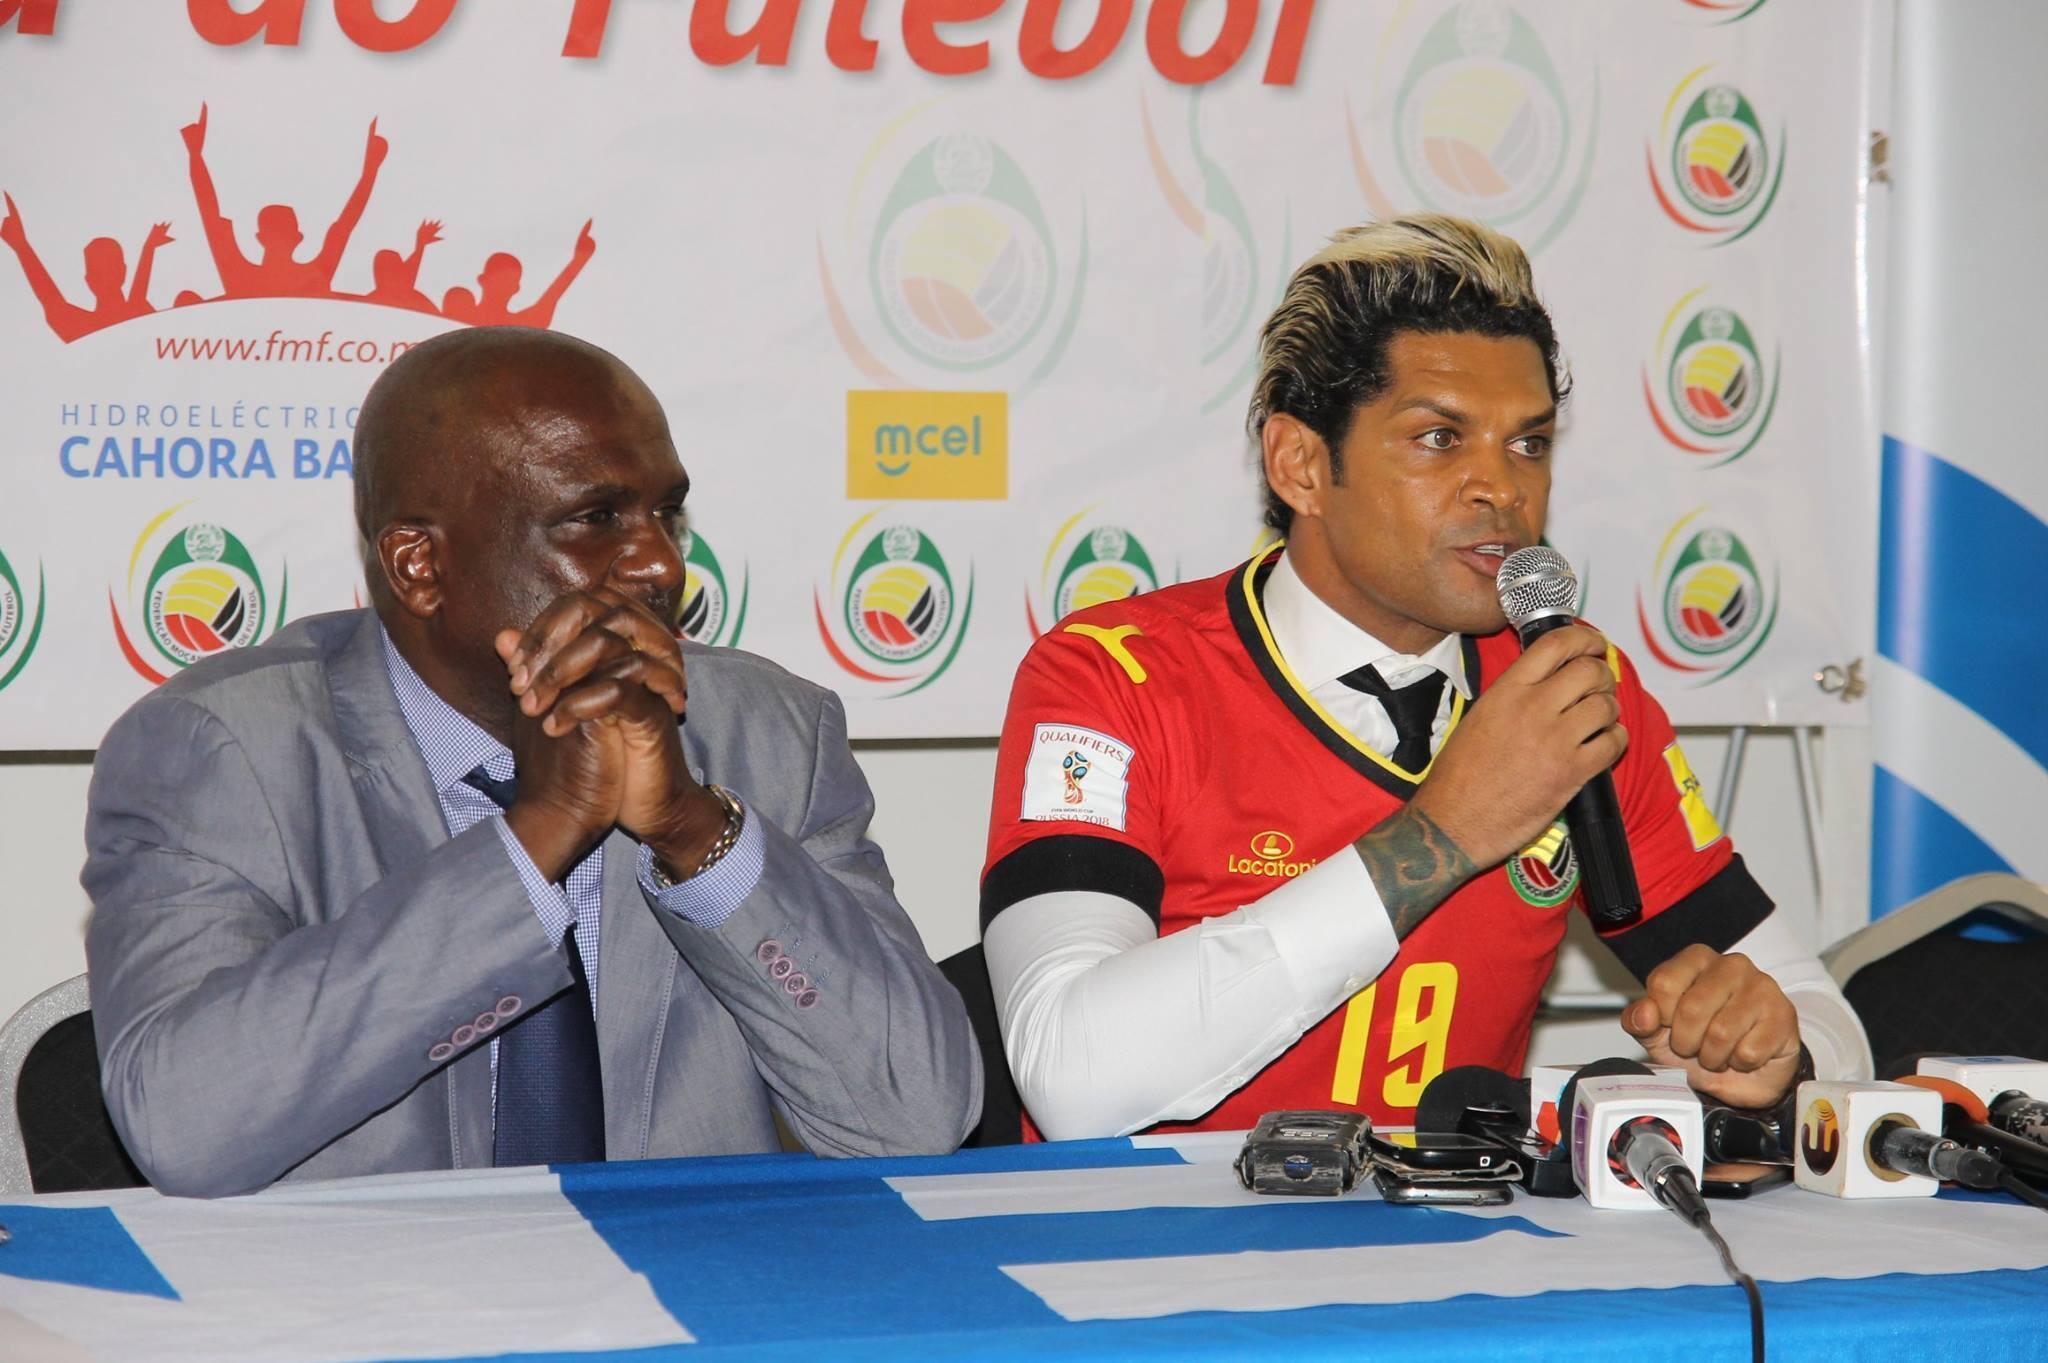 Apresentação de Abel Xavier (direita), novo seleccionador de Moçambique, ao lado do Presidente da Federação Moçambicana, Alberto Simango Júnior.